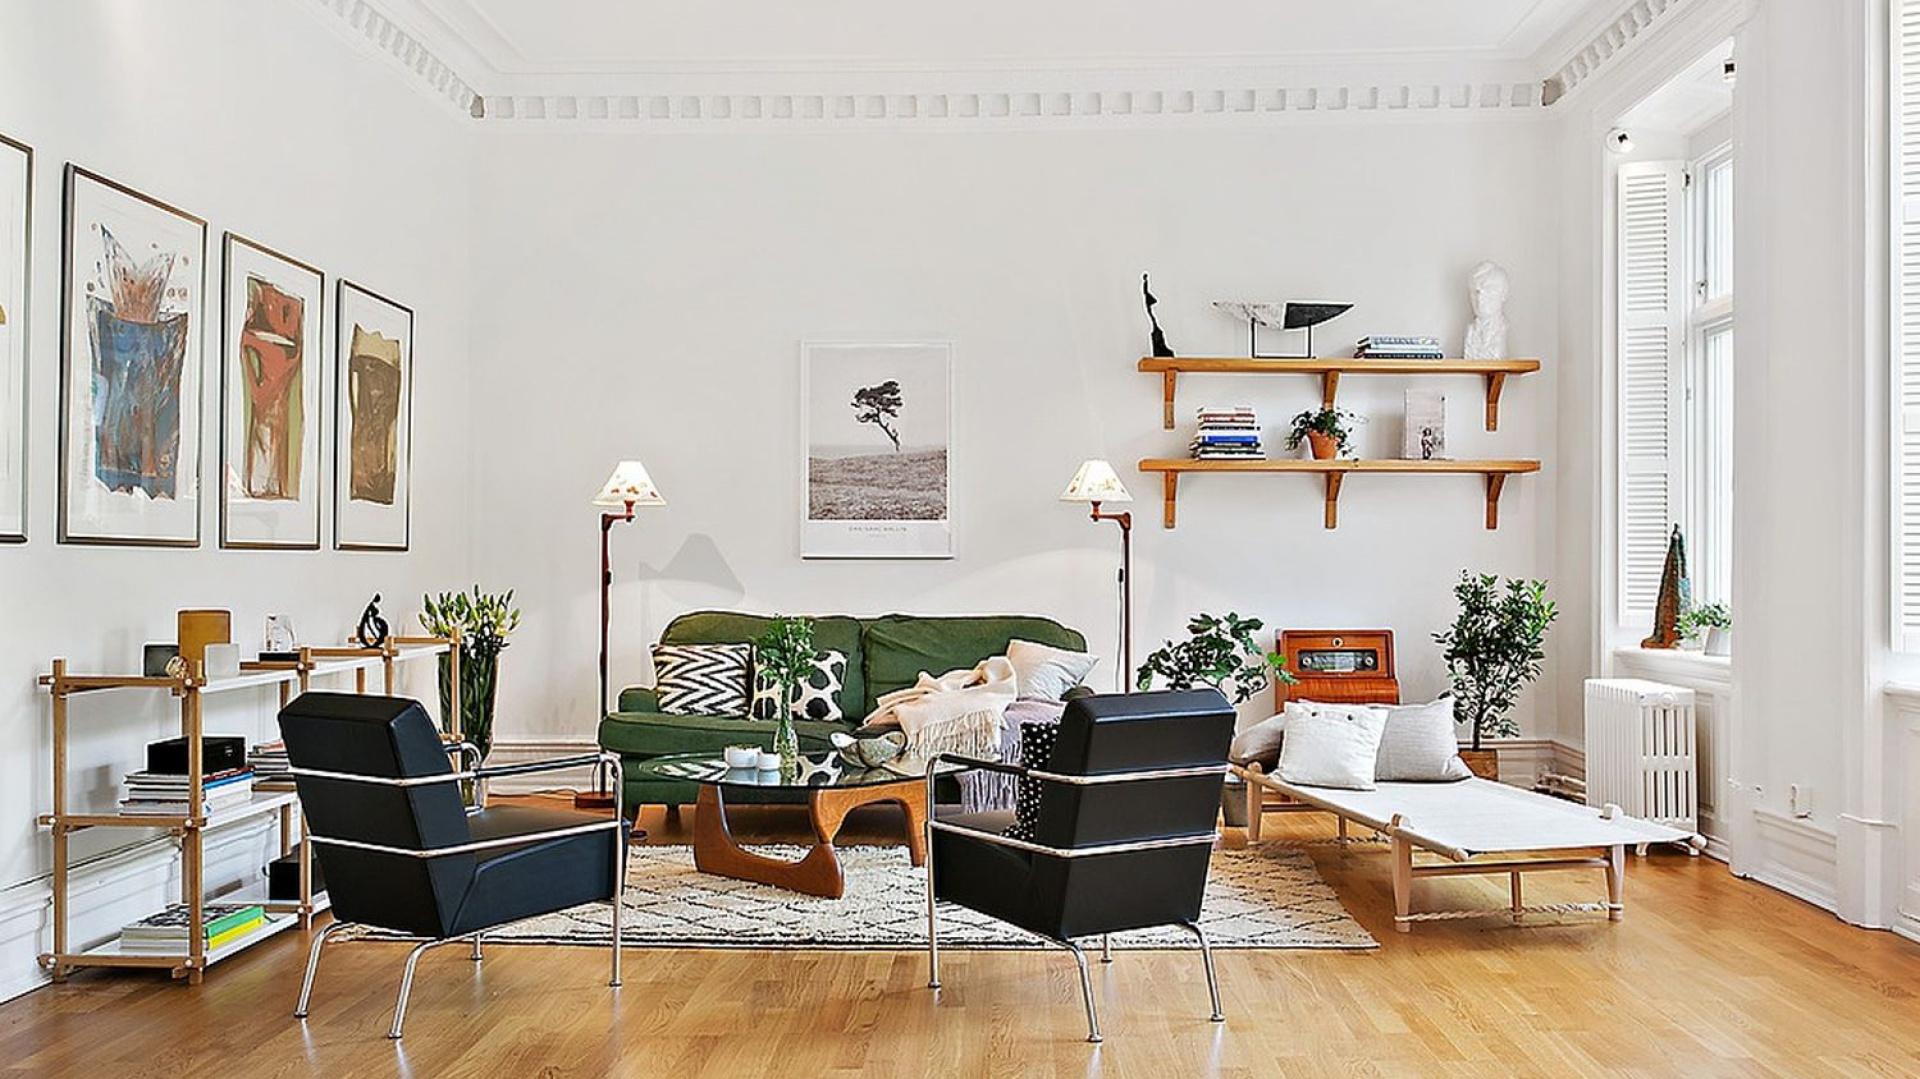 Strefa wypoczynkowa z fotelami w bliskich naturze kolorach i z pięknymi dekoracjami na ścianie. Fot. Alvhem Makleri.